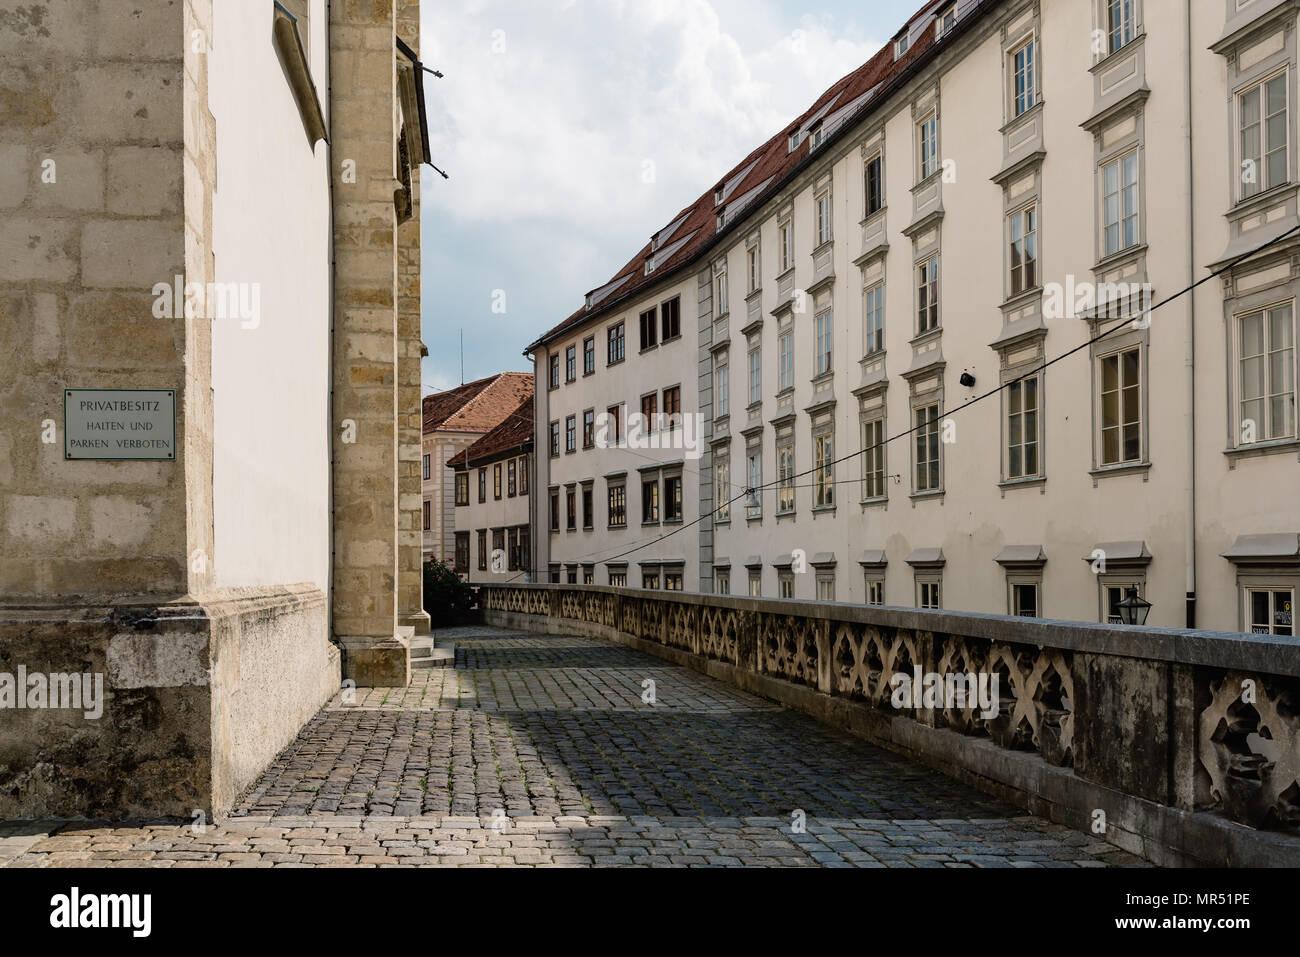 Straße im historischen Zentrum von Graz gegen den Himmel. Text: Privates Eigentum. Parken ist nicht erlaubt Stockbild